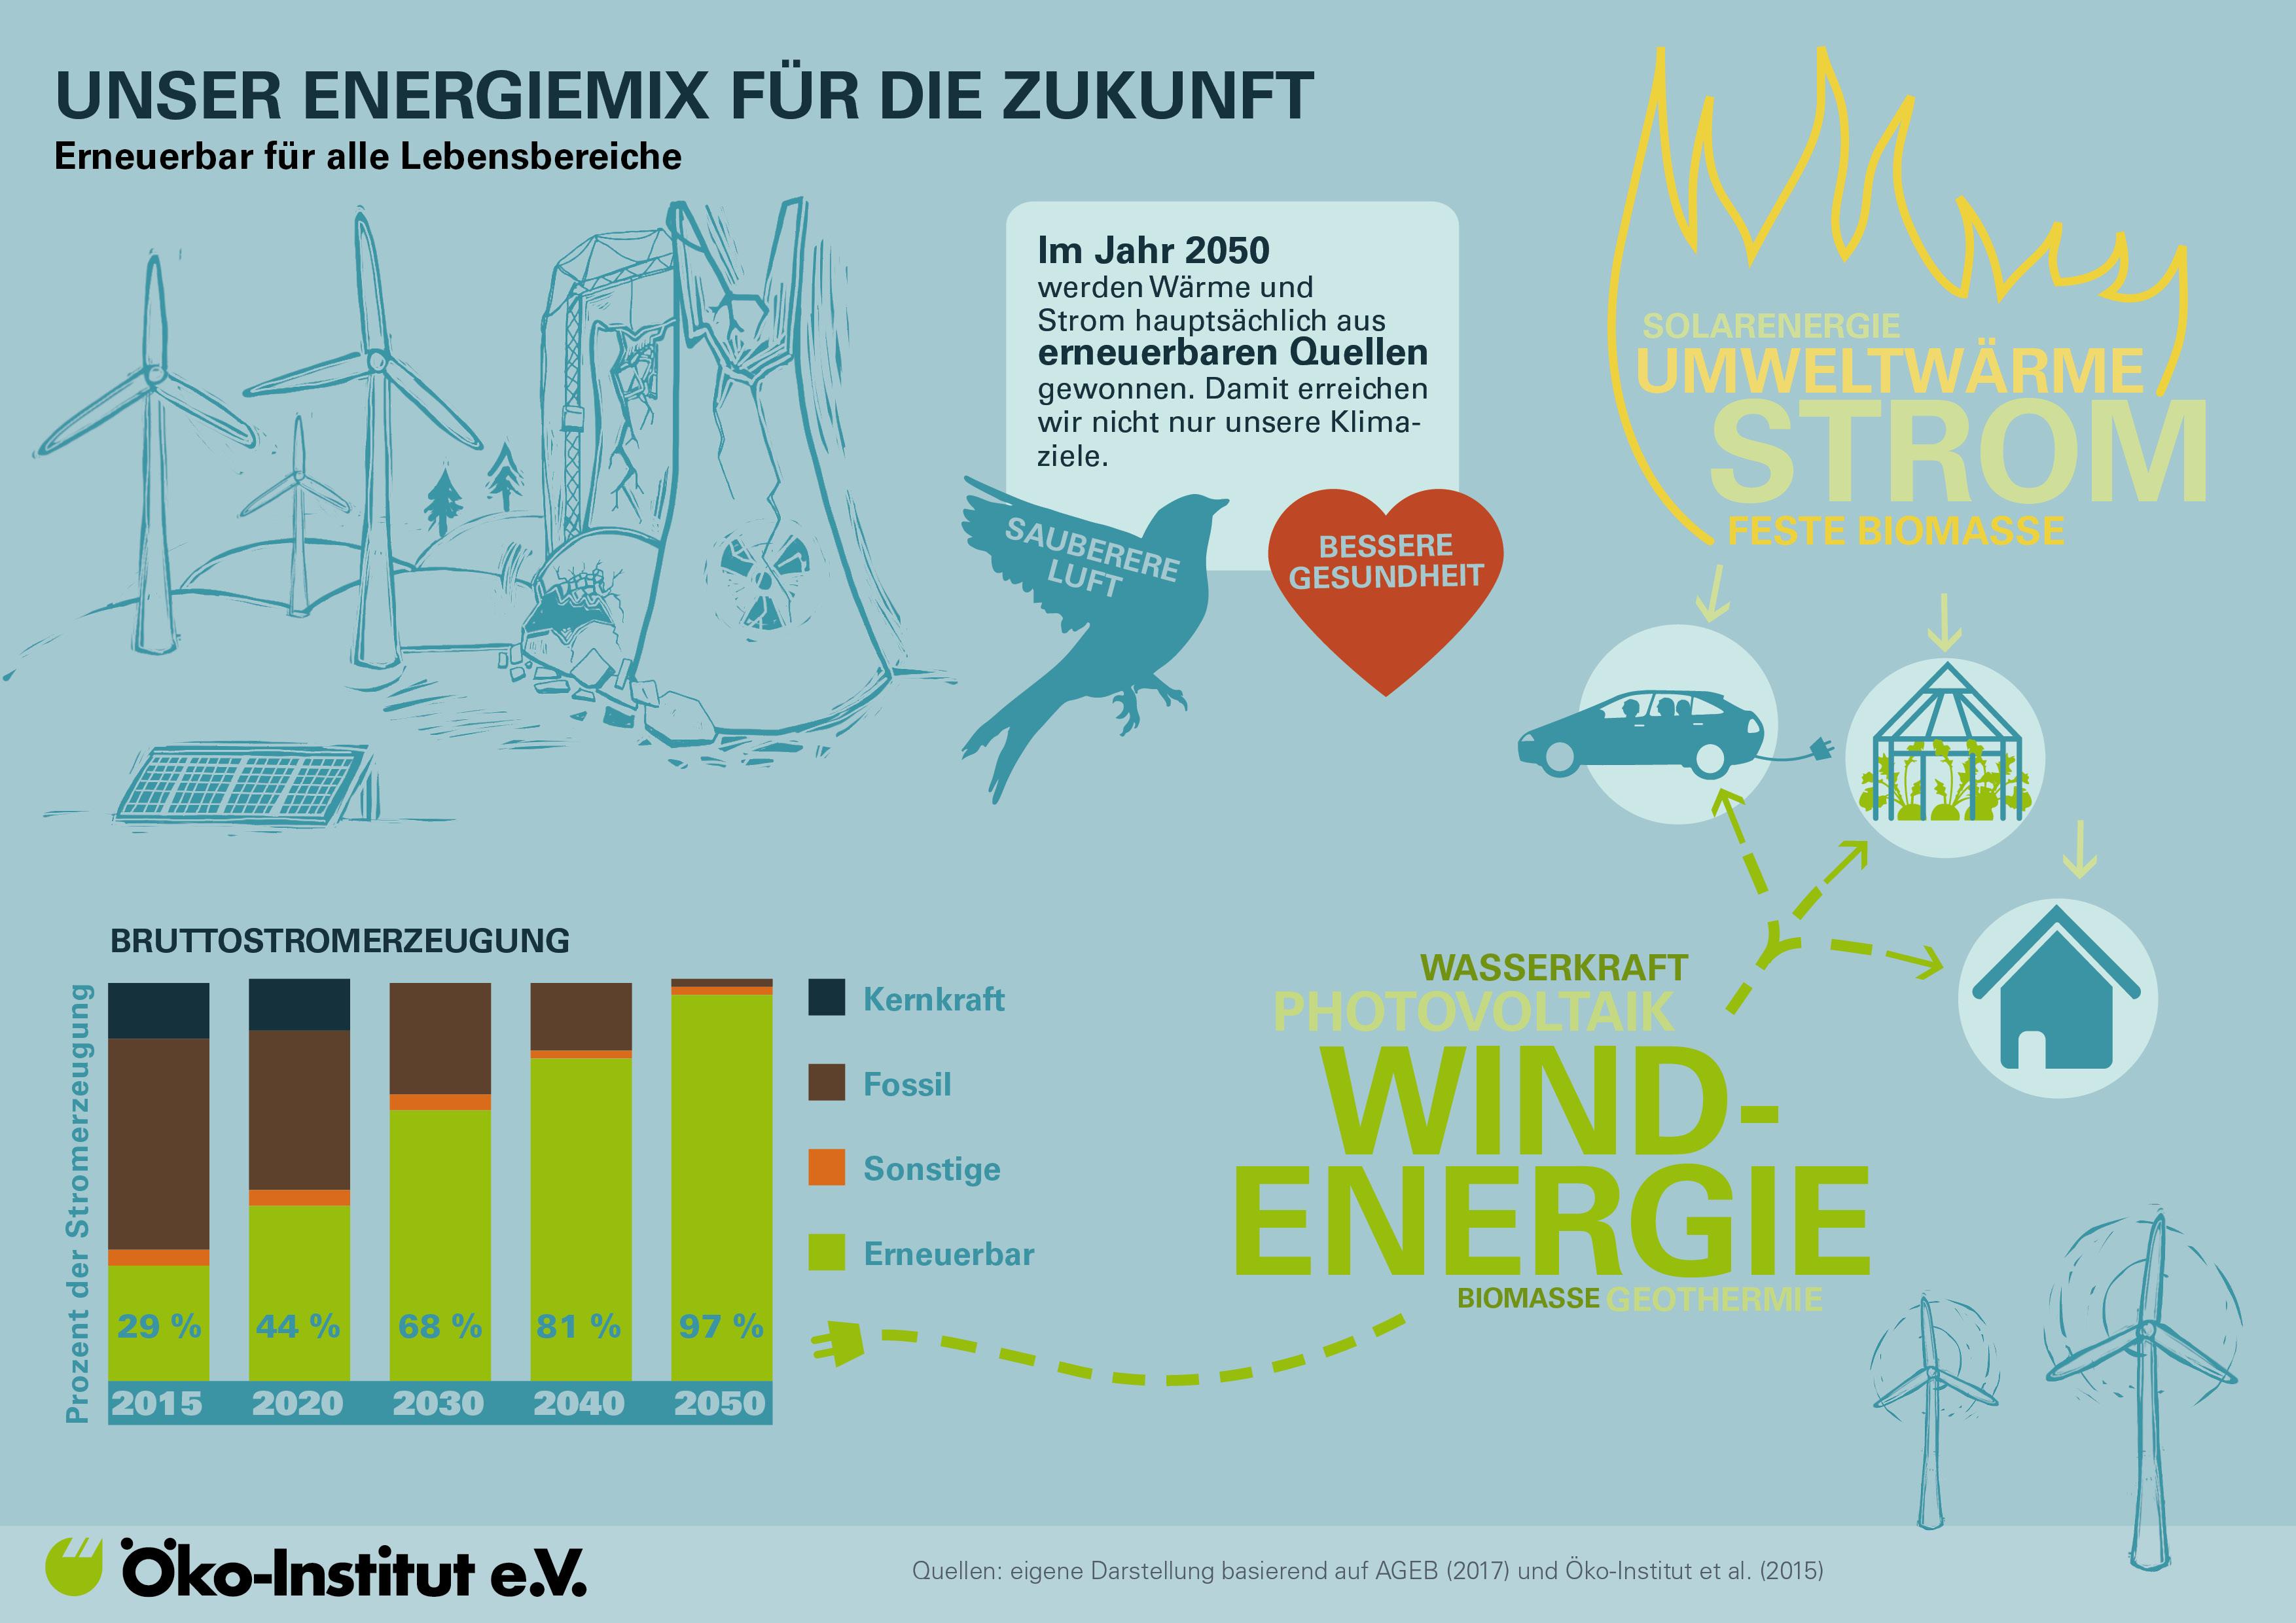 Strom und Wärme klimafreundlich erzeugt